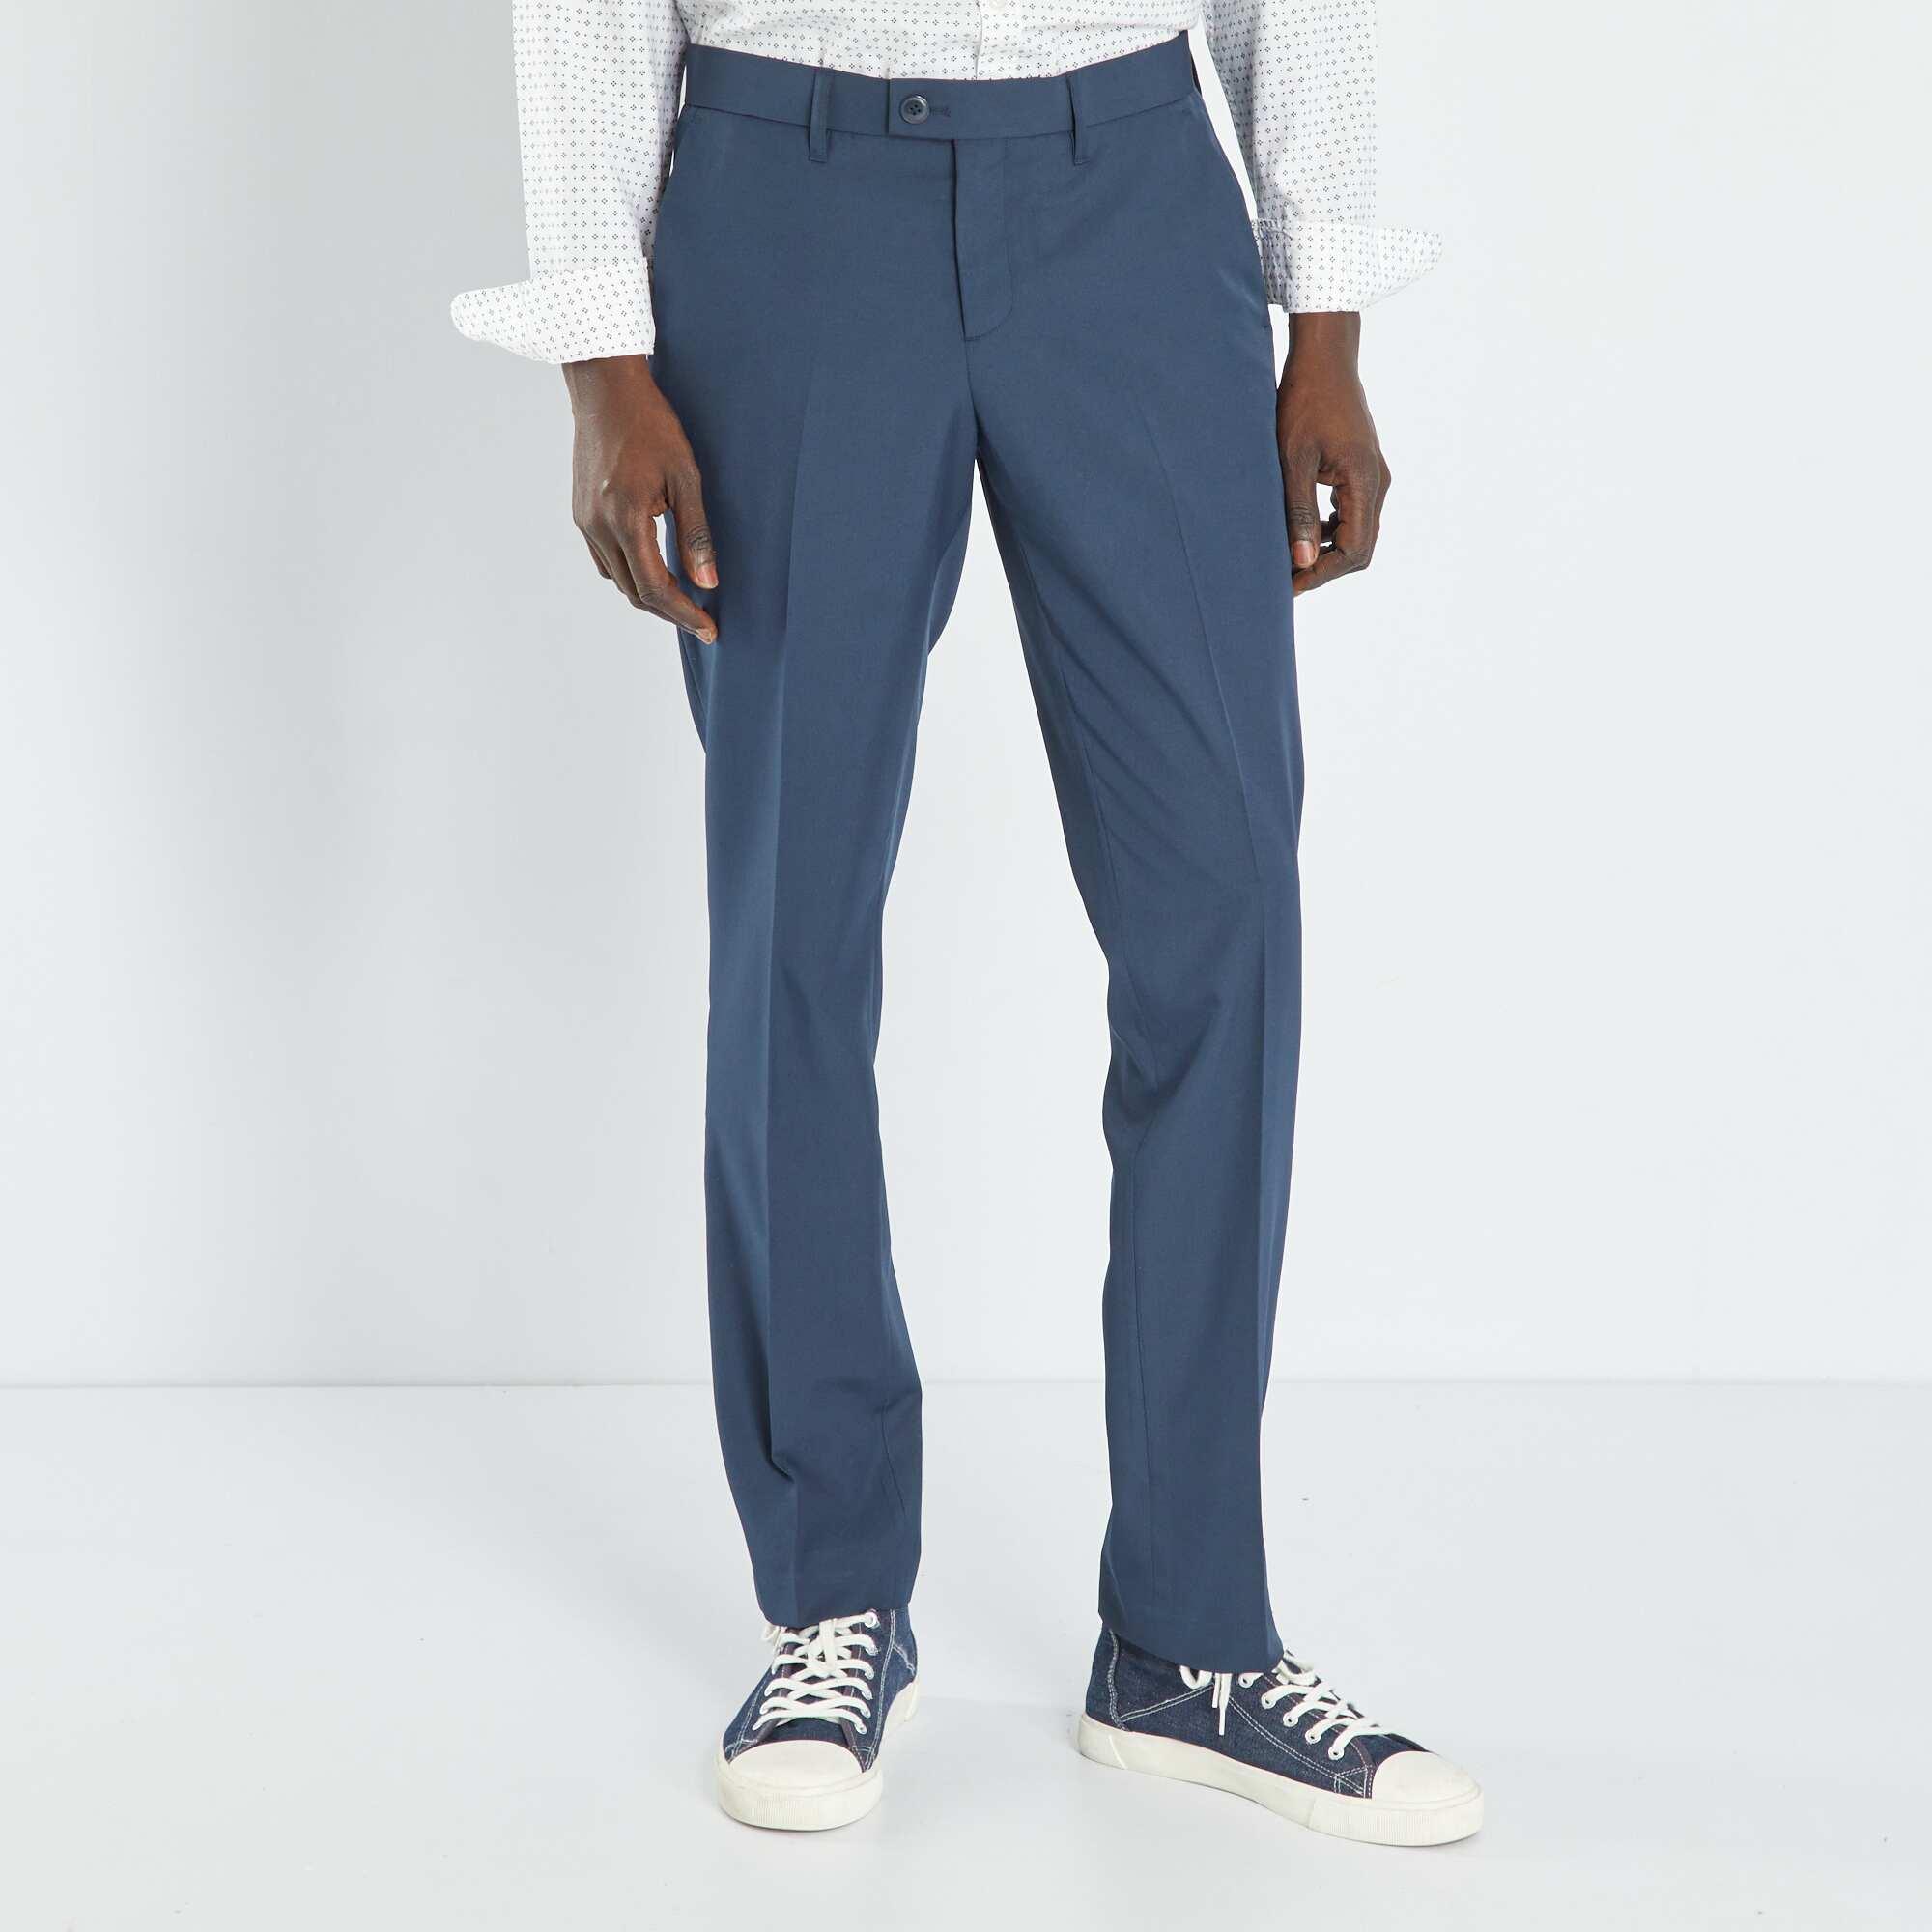 Couleur : noir, bleu marine, bleu,, - Taille : 42, 50, 48,36,38Un joli classique révisité par sa coupe ajustée ! - Pantalon de costume en twill -